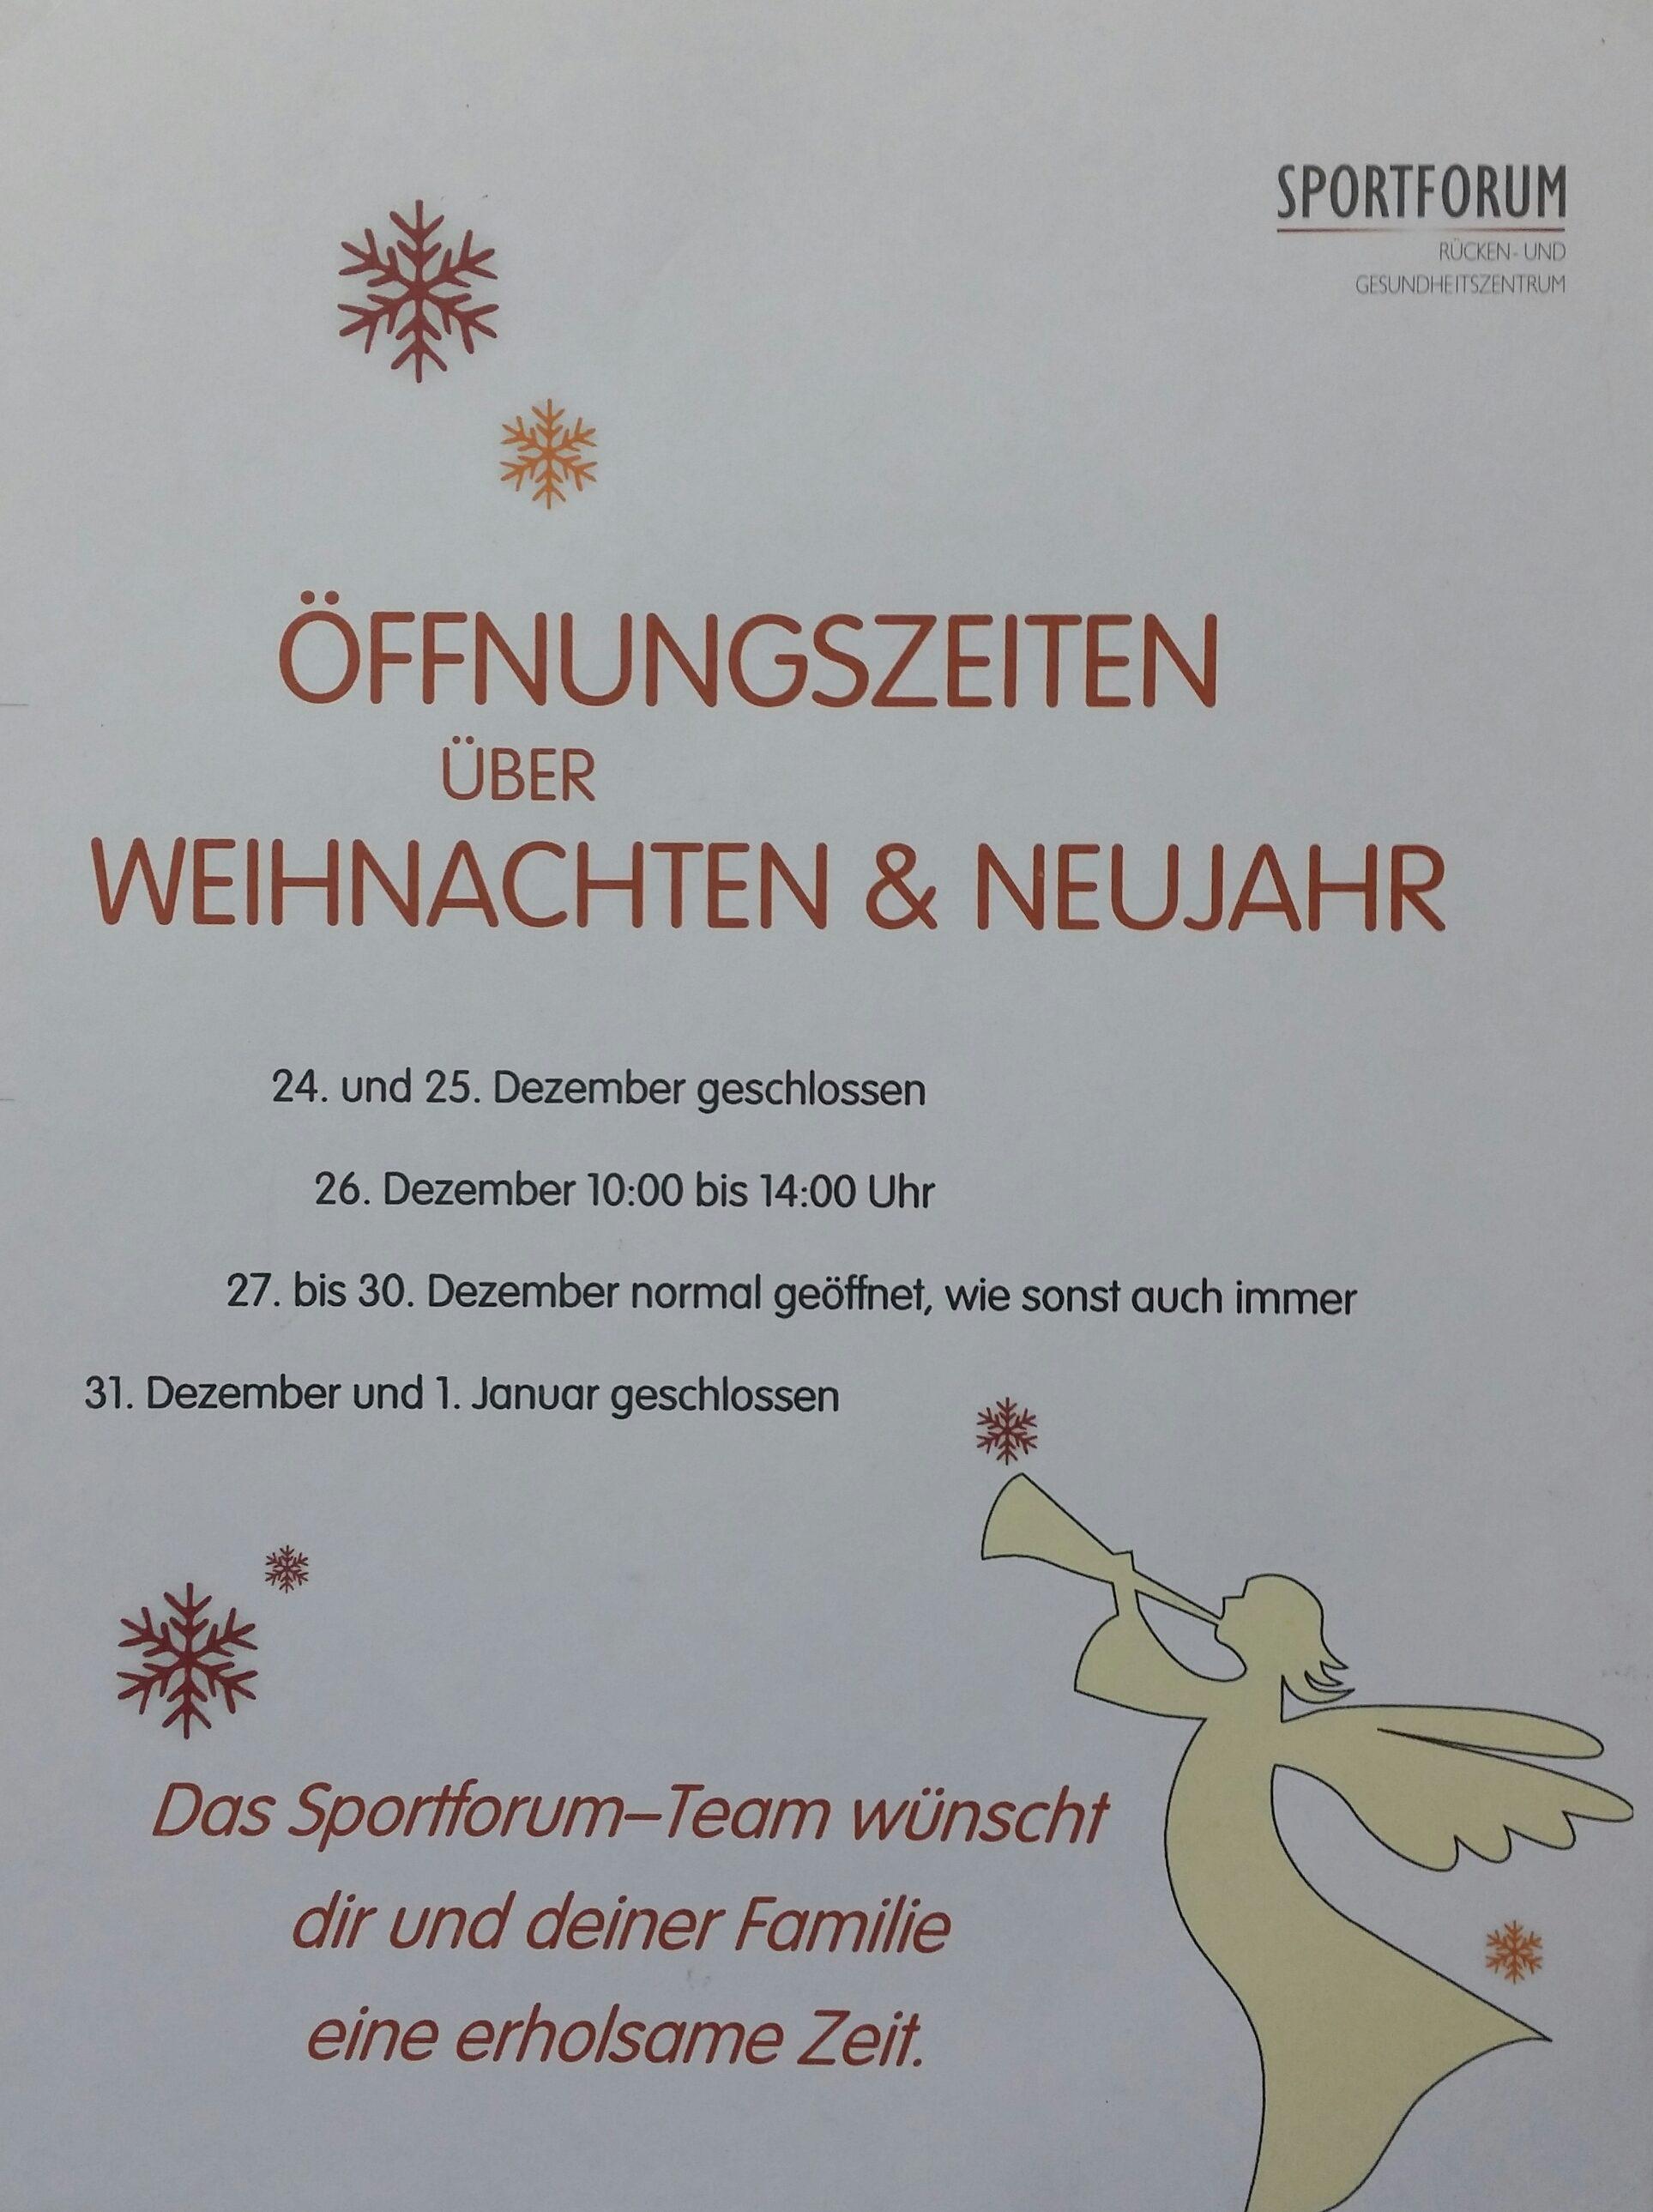 Ist Weihnachten Am 24 Oder 25.öffnungszeiten über Weihnachten Und Silvester Sportforum Fürth